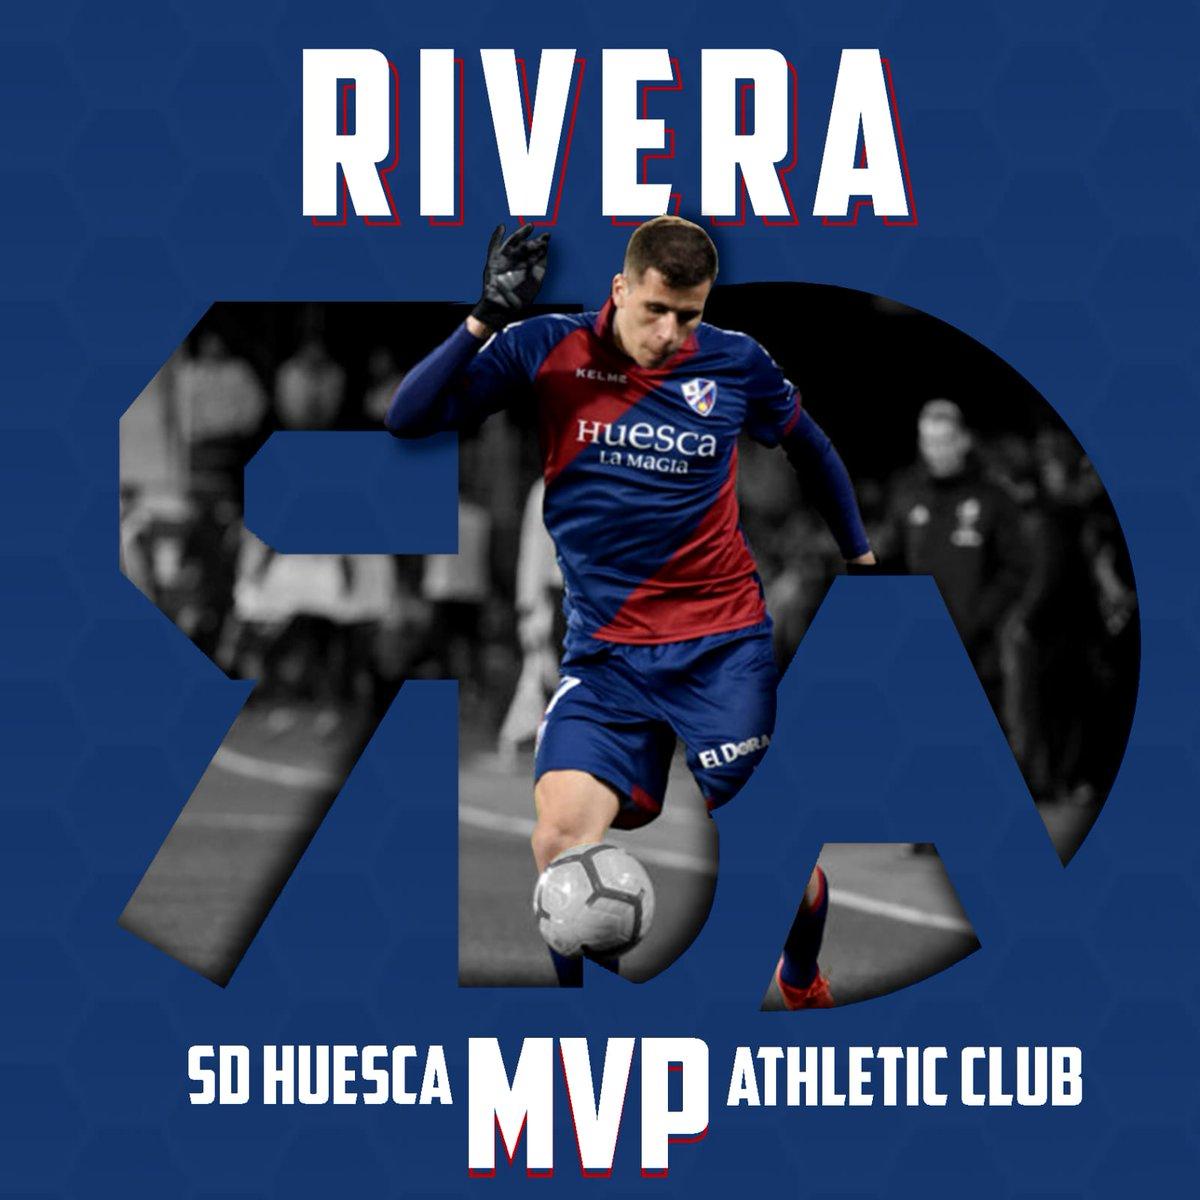 @c6rive es el MVP azulgrana del #HuescaAthletic 🔴🔵